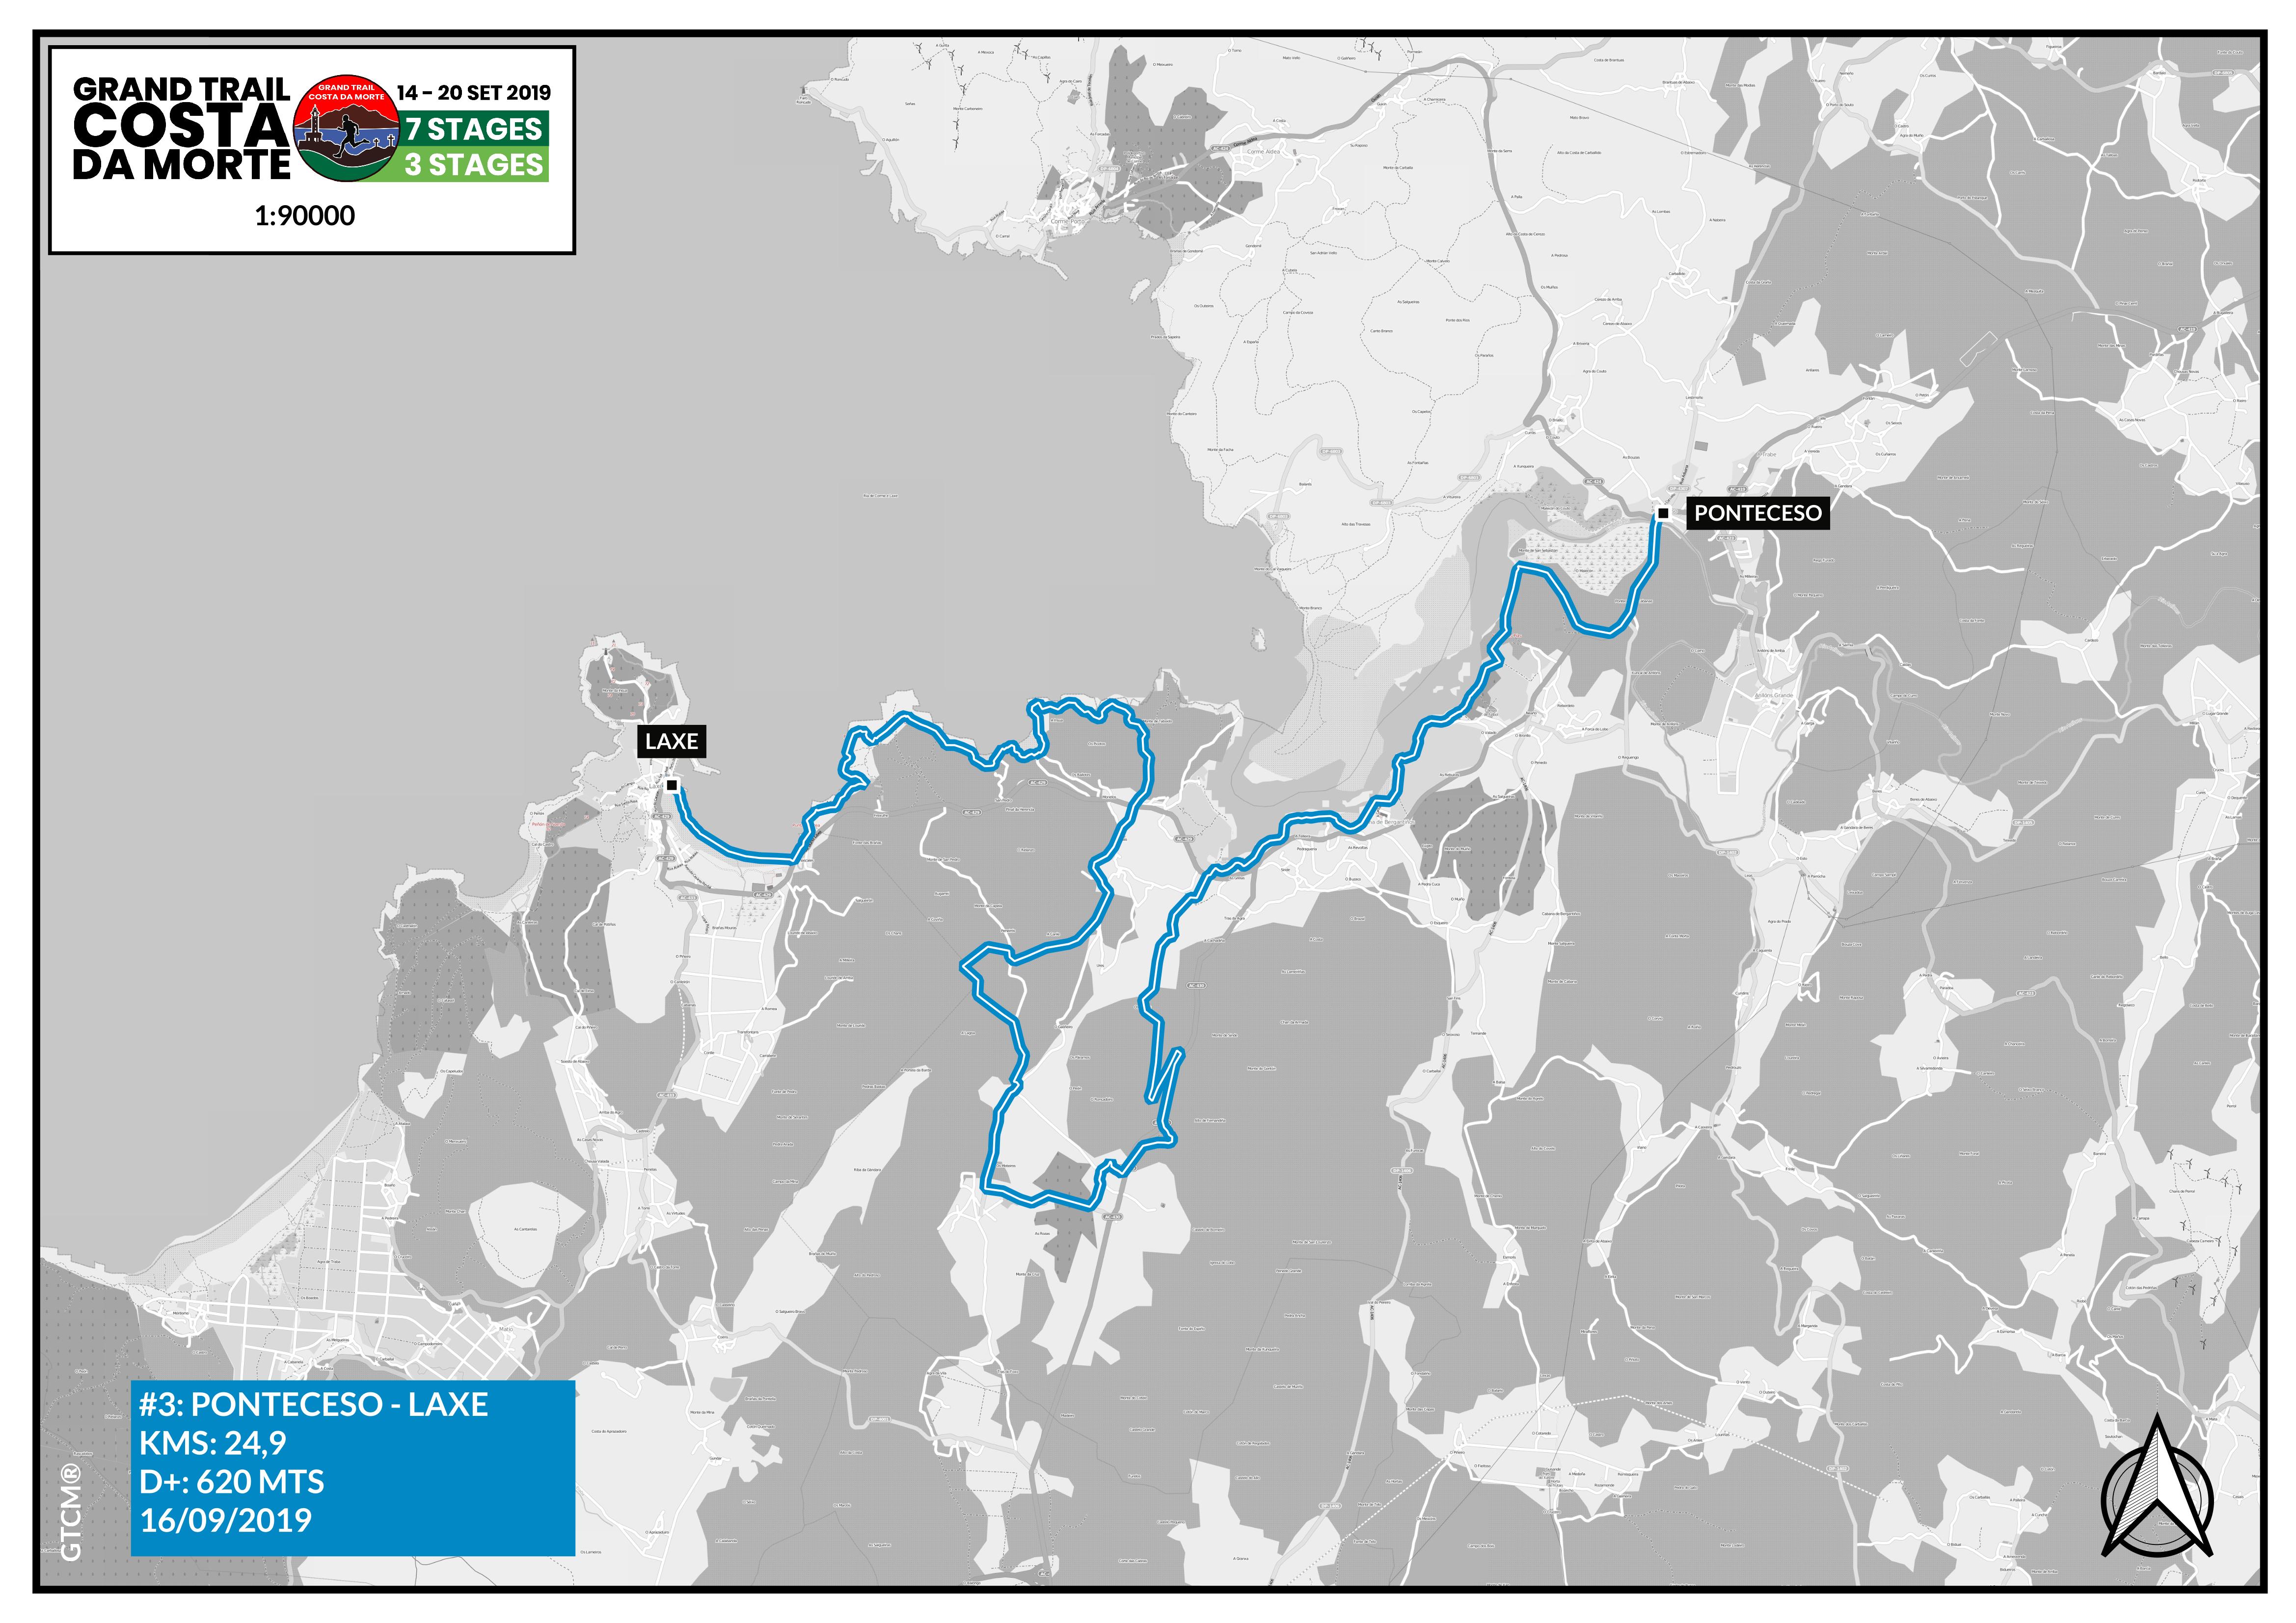 Mapa etapa 3 Ponteceso - Laxe